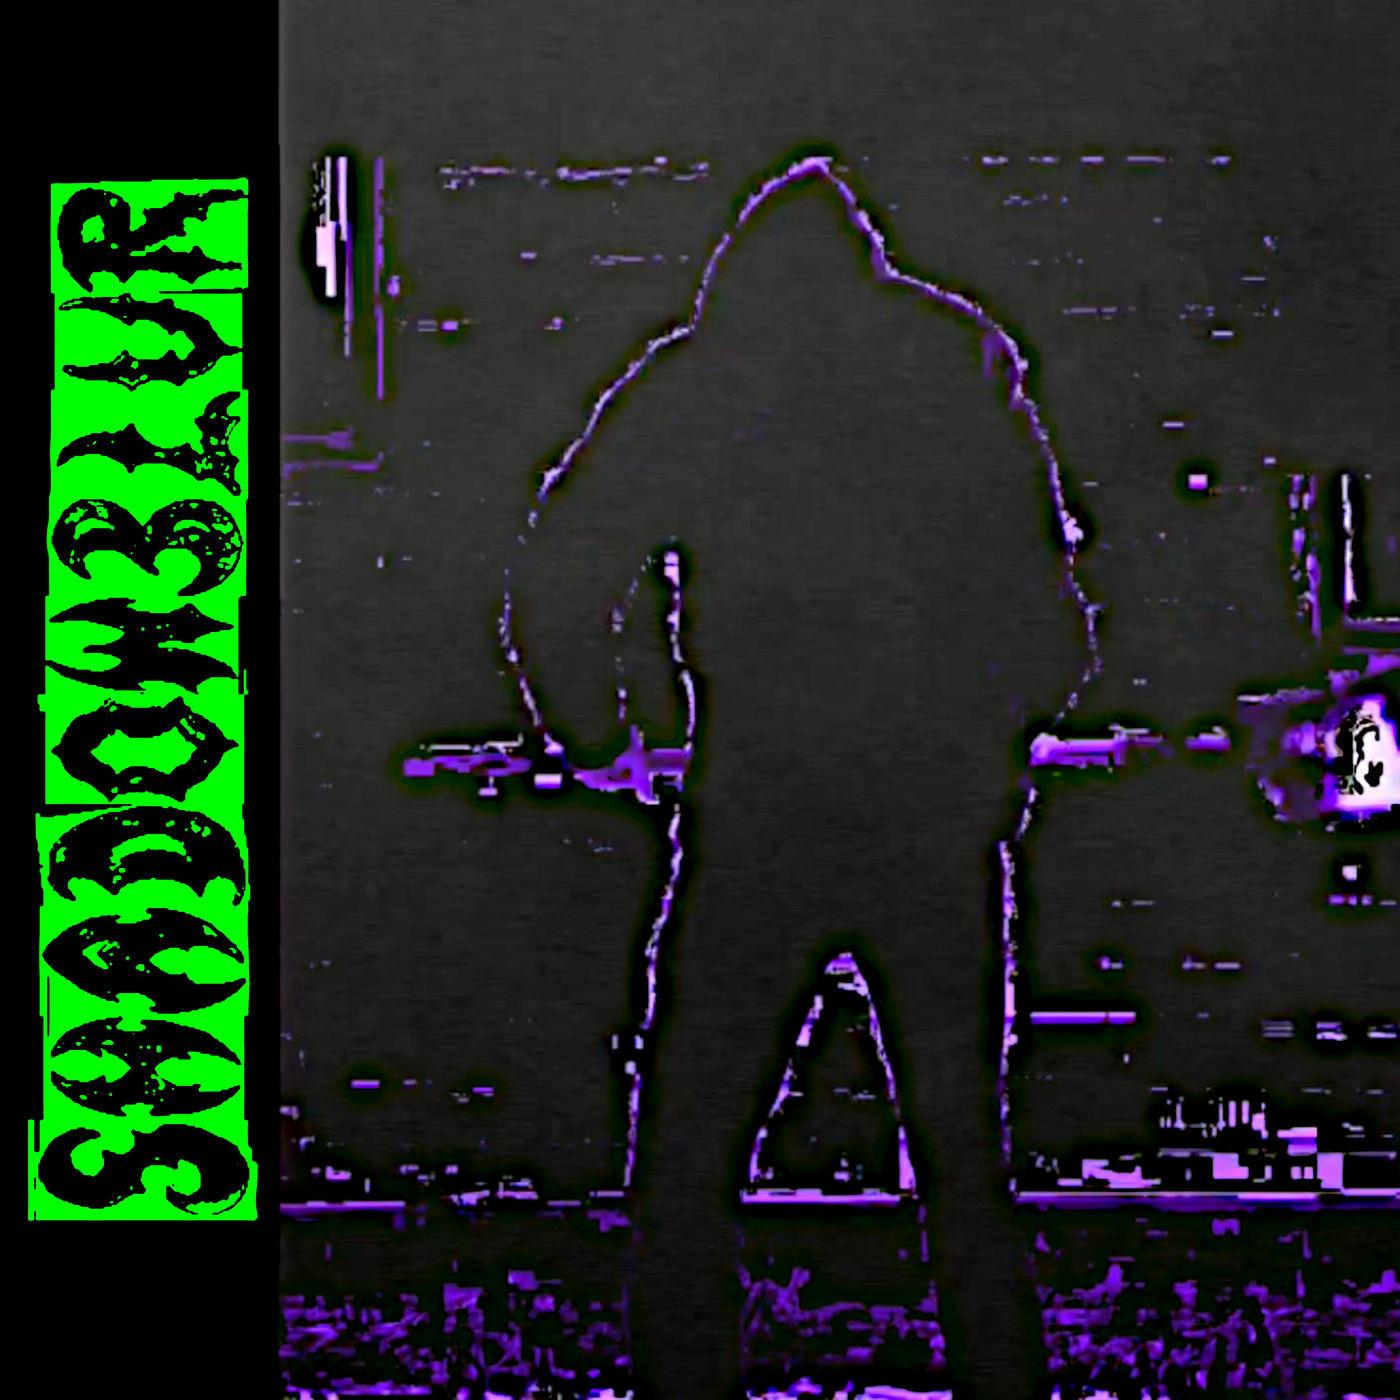 Shadowblur - Purge In The Shadows